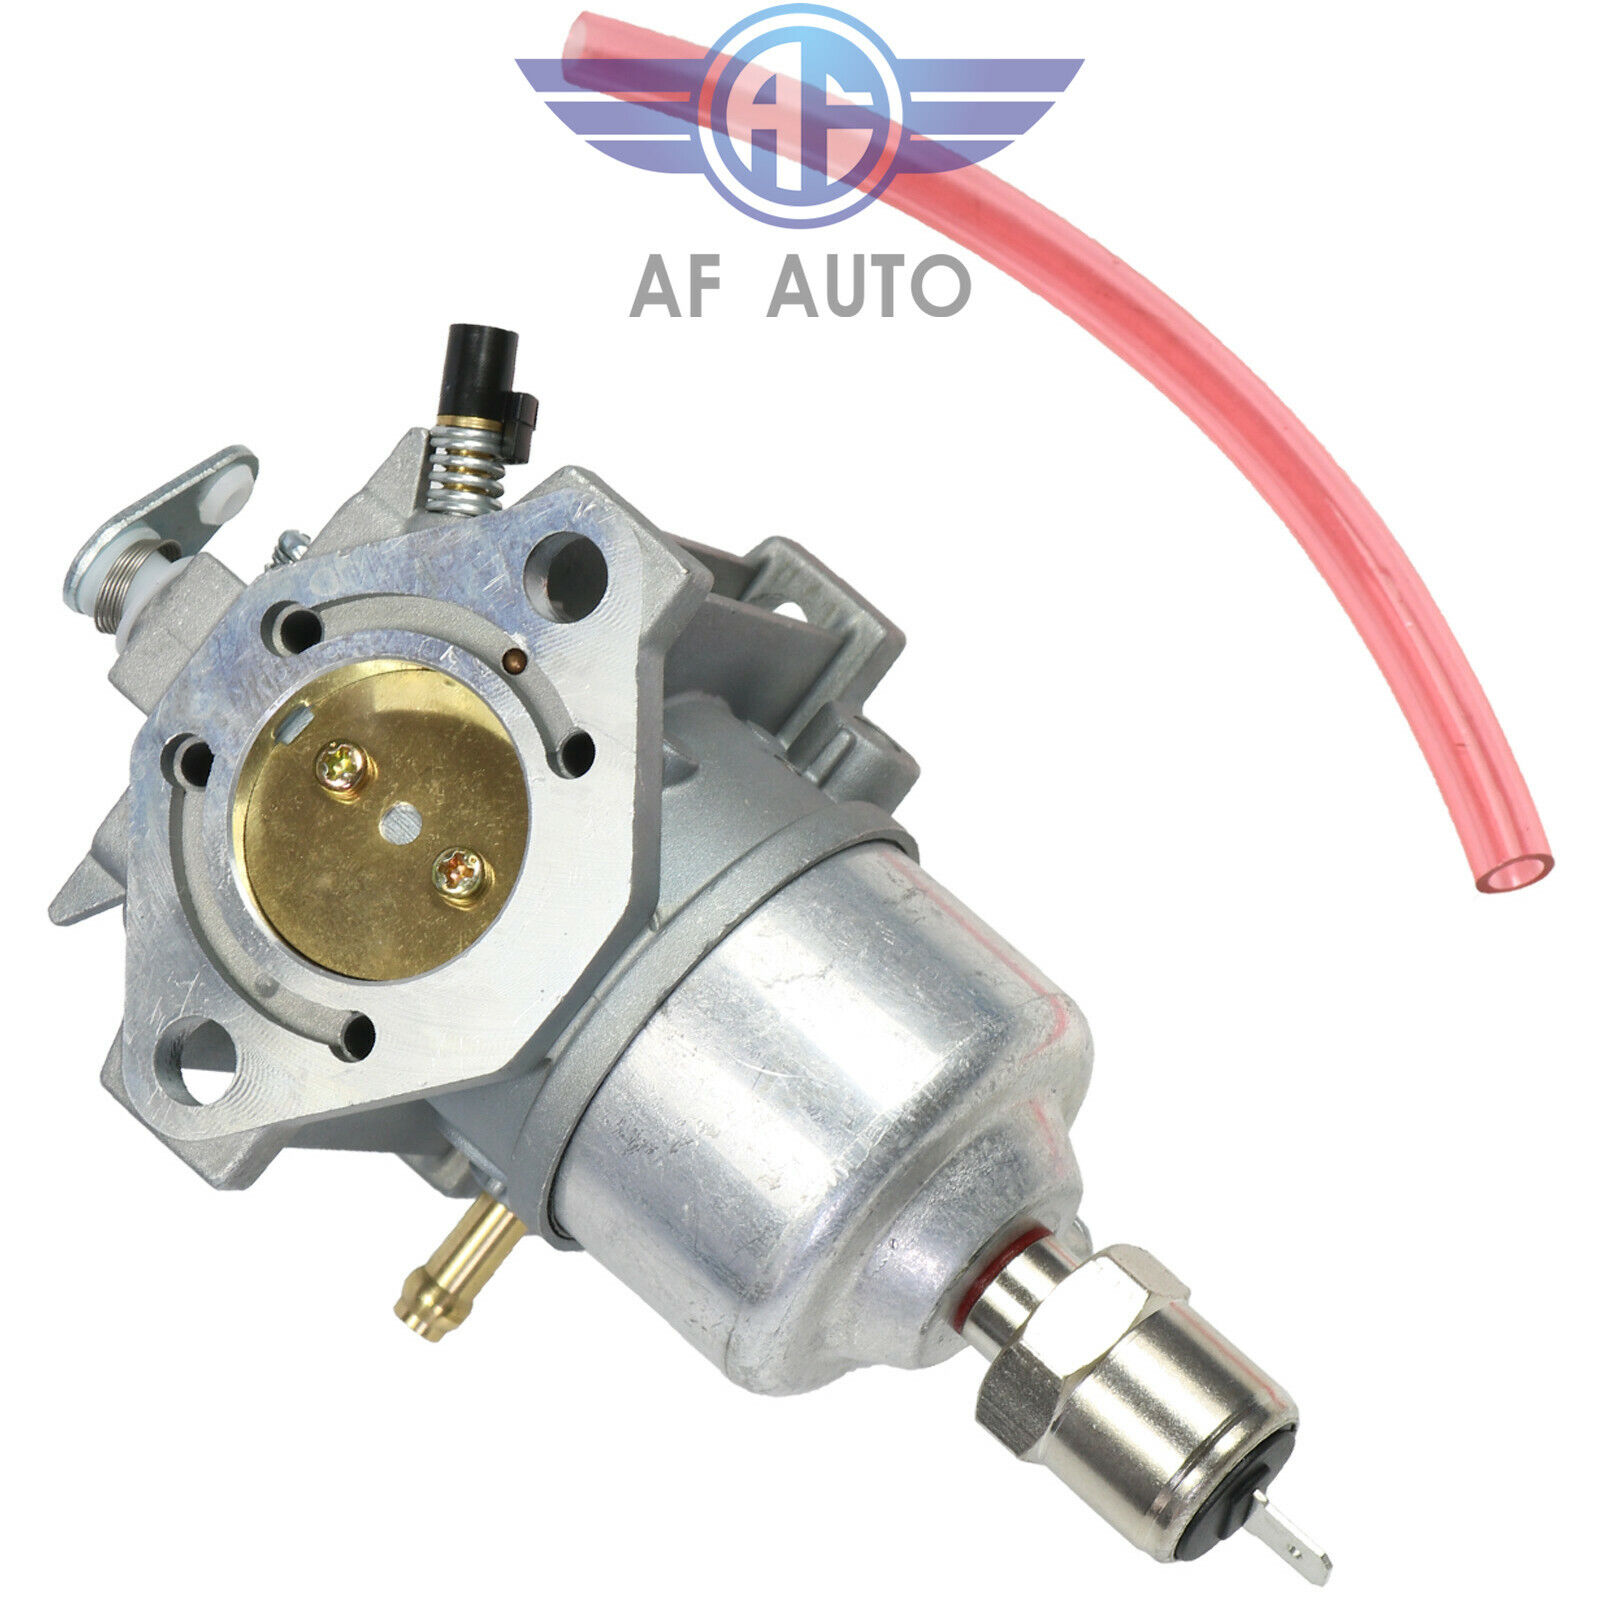 Autu Parts Carburetor for JOHN DEERE AM122605 LX186 GT262 GT275 325 180 185 260 265 carb